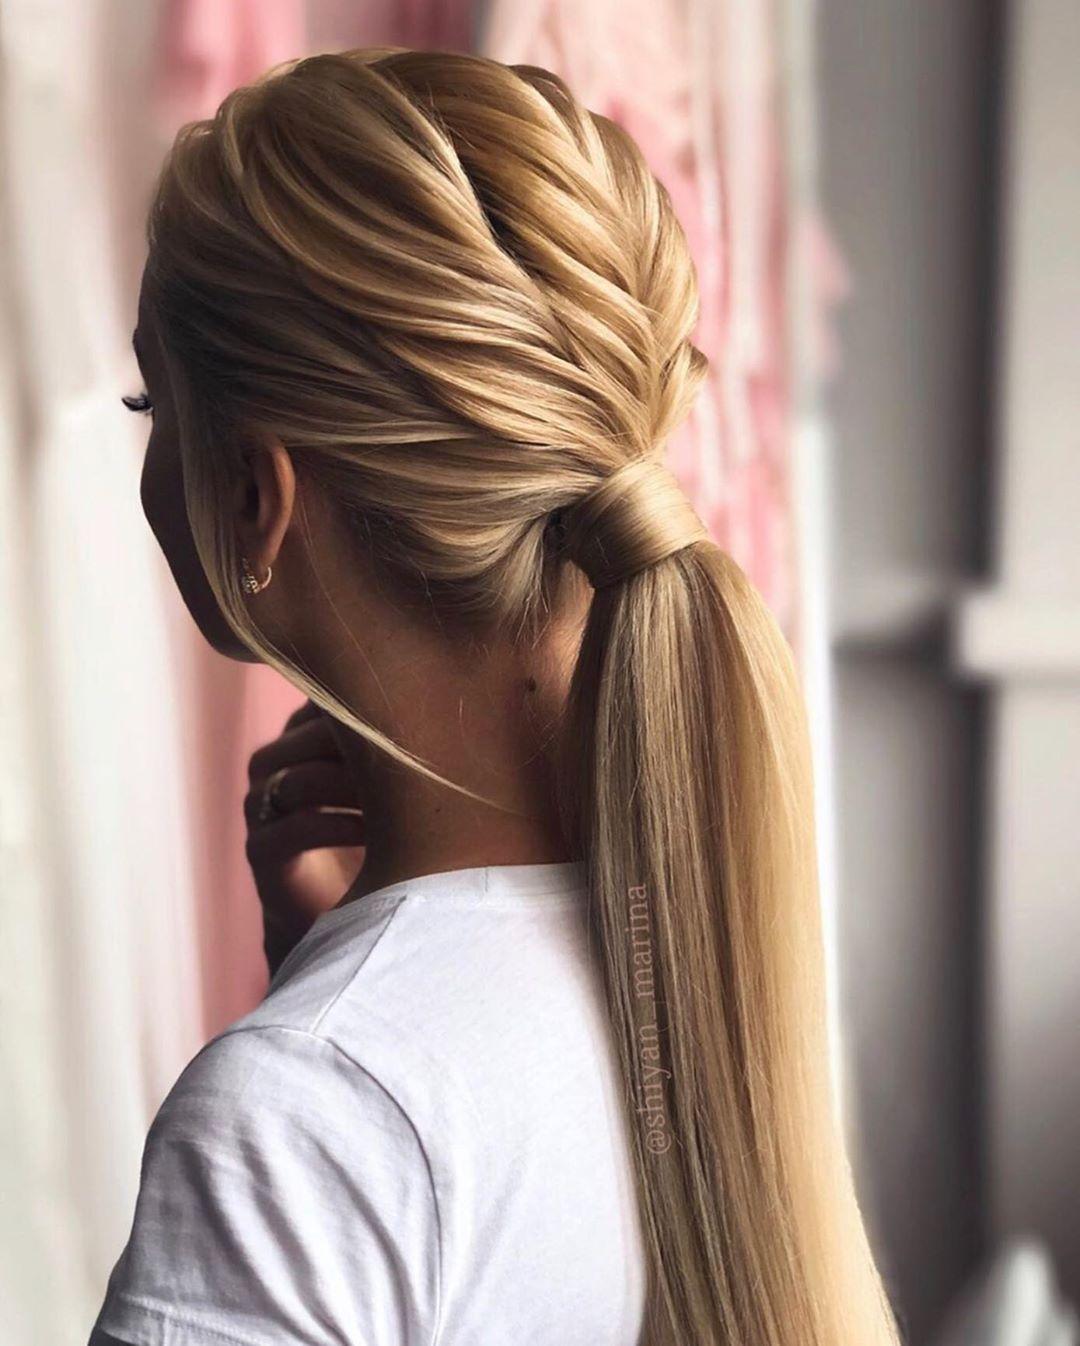 Hübsche Pferdeschwanz-Frisur für langes Haar - Pferdeschwanz-Frisur-Ideen